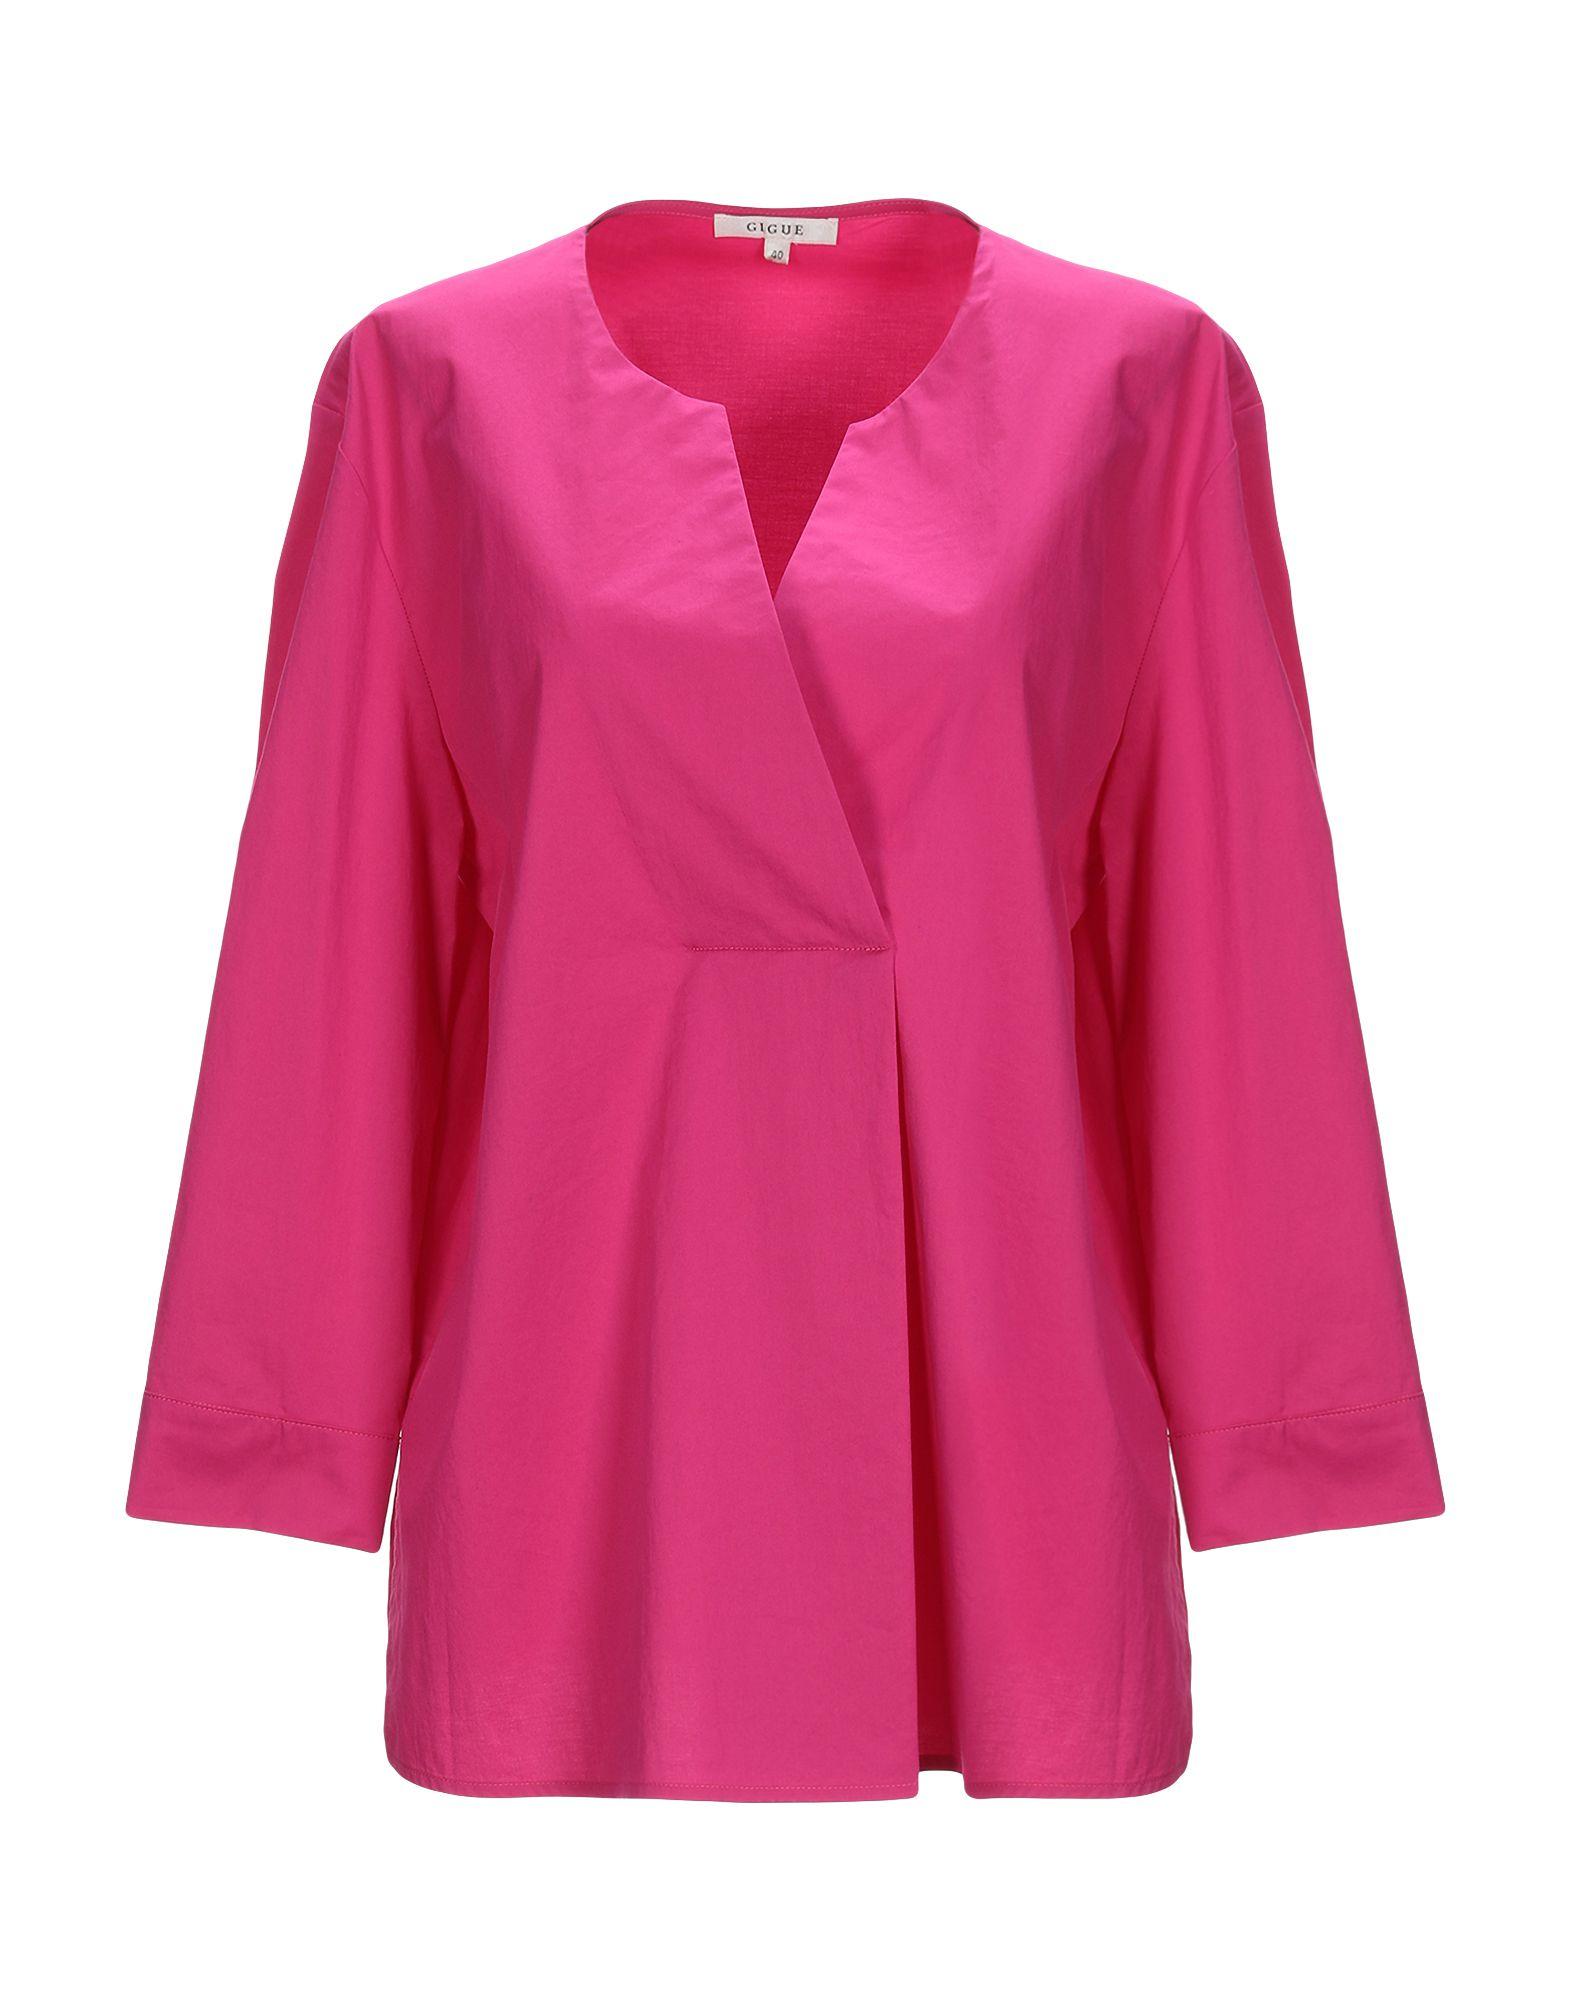 цены на GIGUE Блузка  в интернет-магазинах